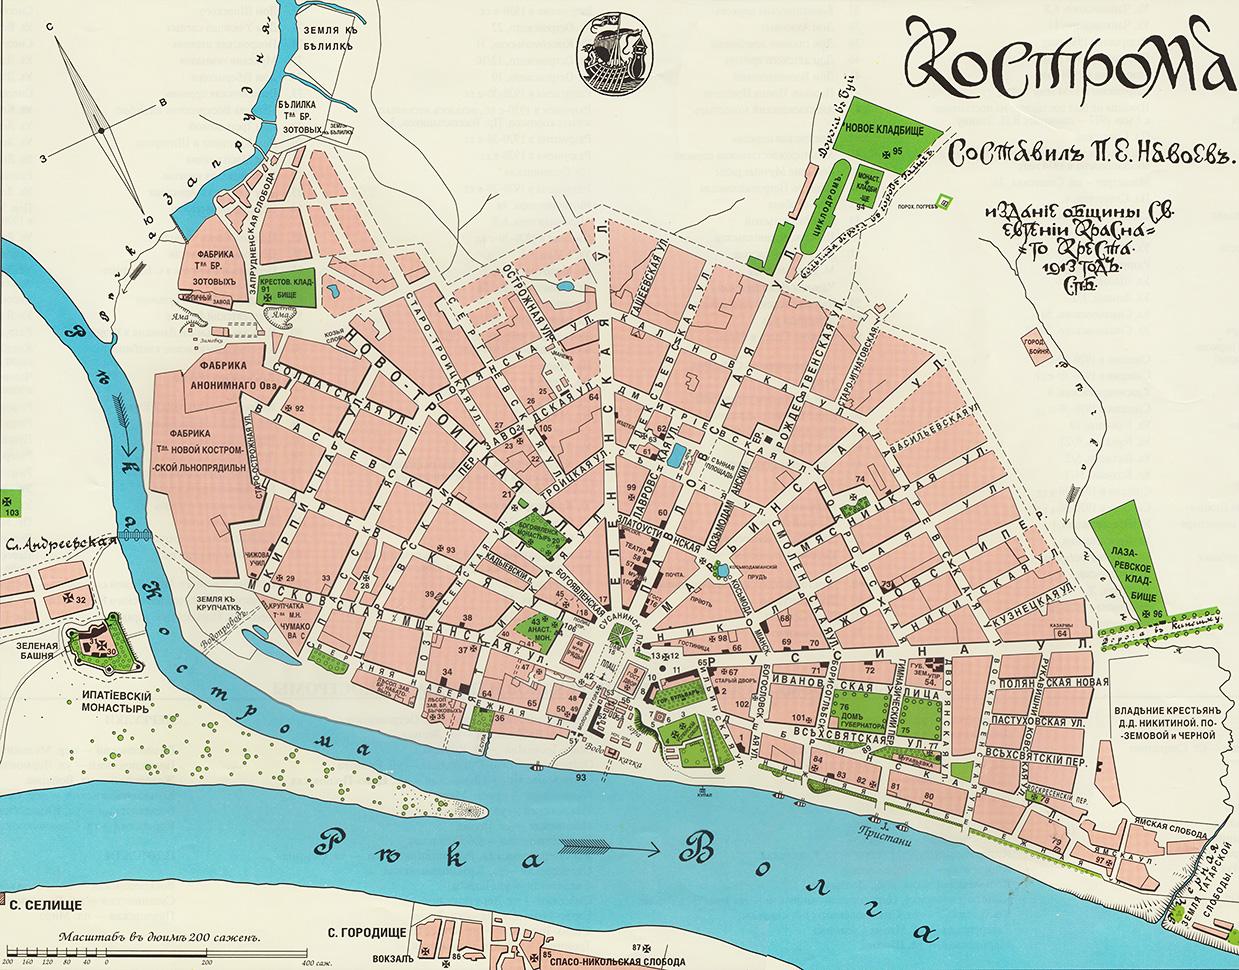 План города Костромы в 1913 году. Составил П. Е. Навоев